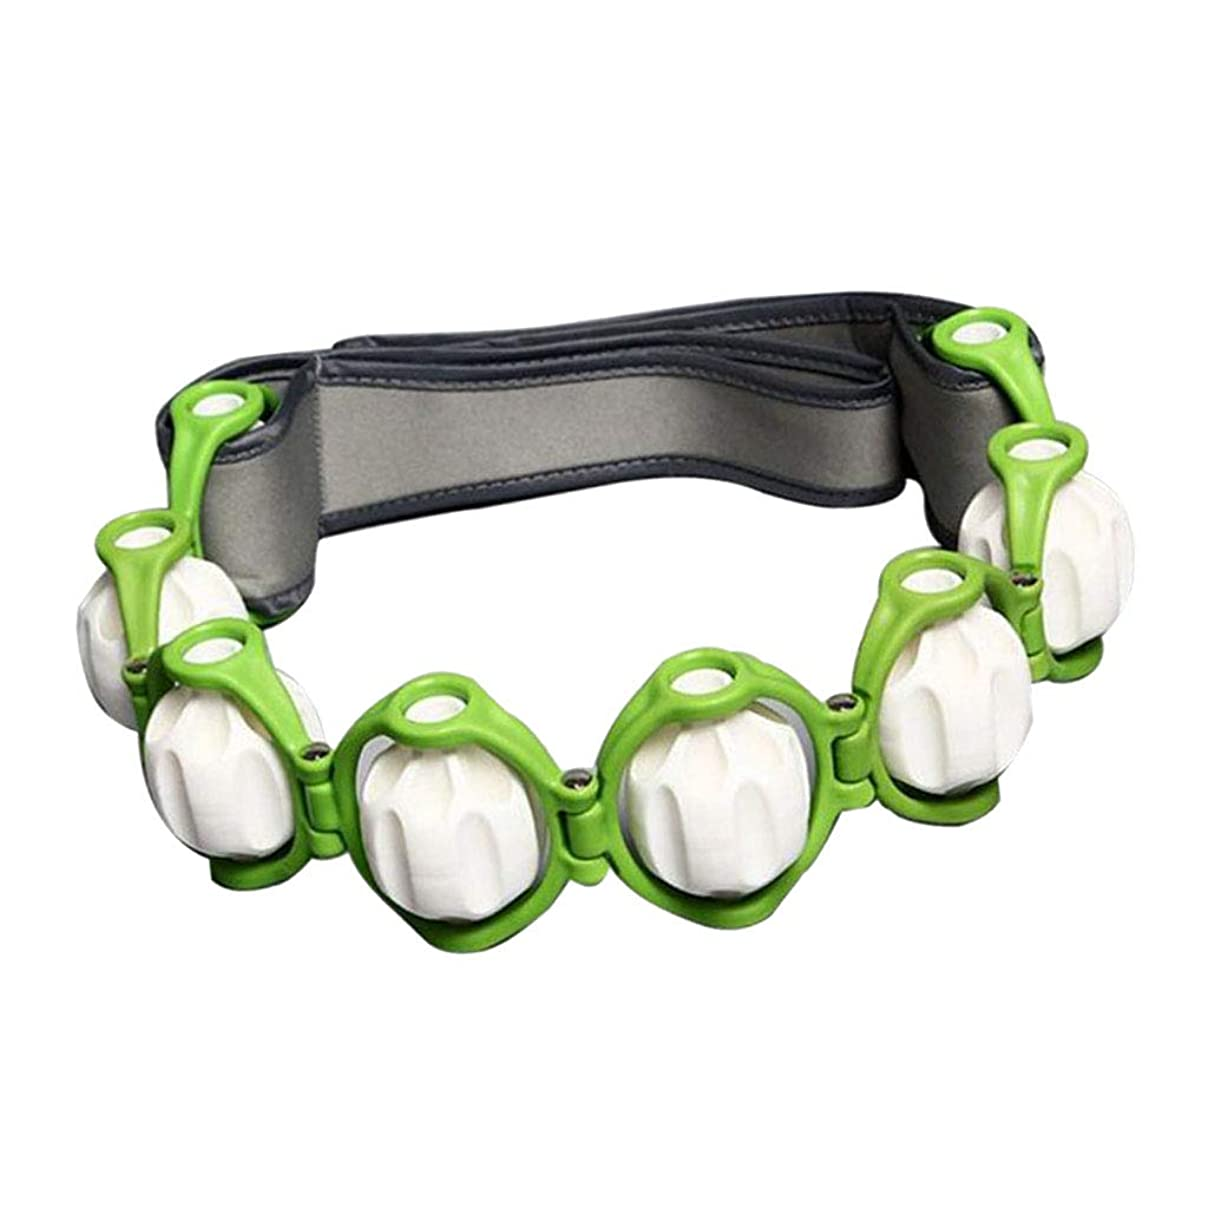 備品デザイナー亡命FLAMEER ボディマッサージローラー ロープ付き 六つボール 4色選べ - 緑, 説明したように